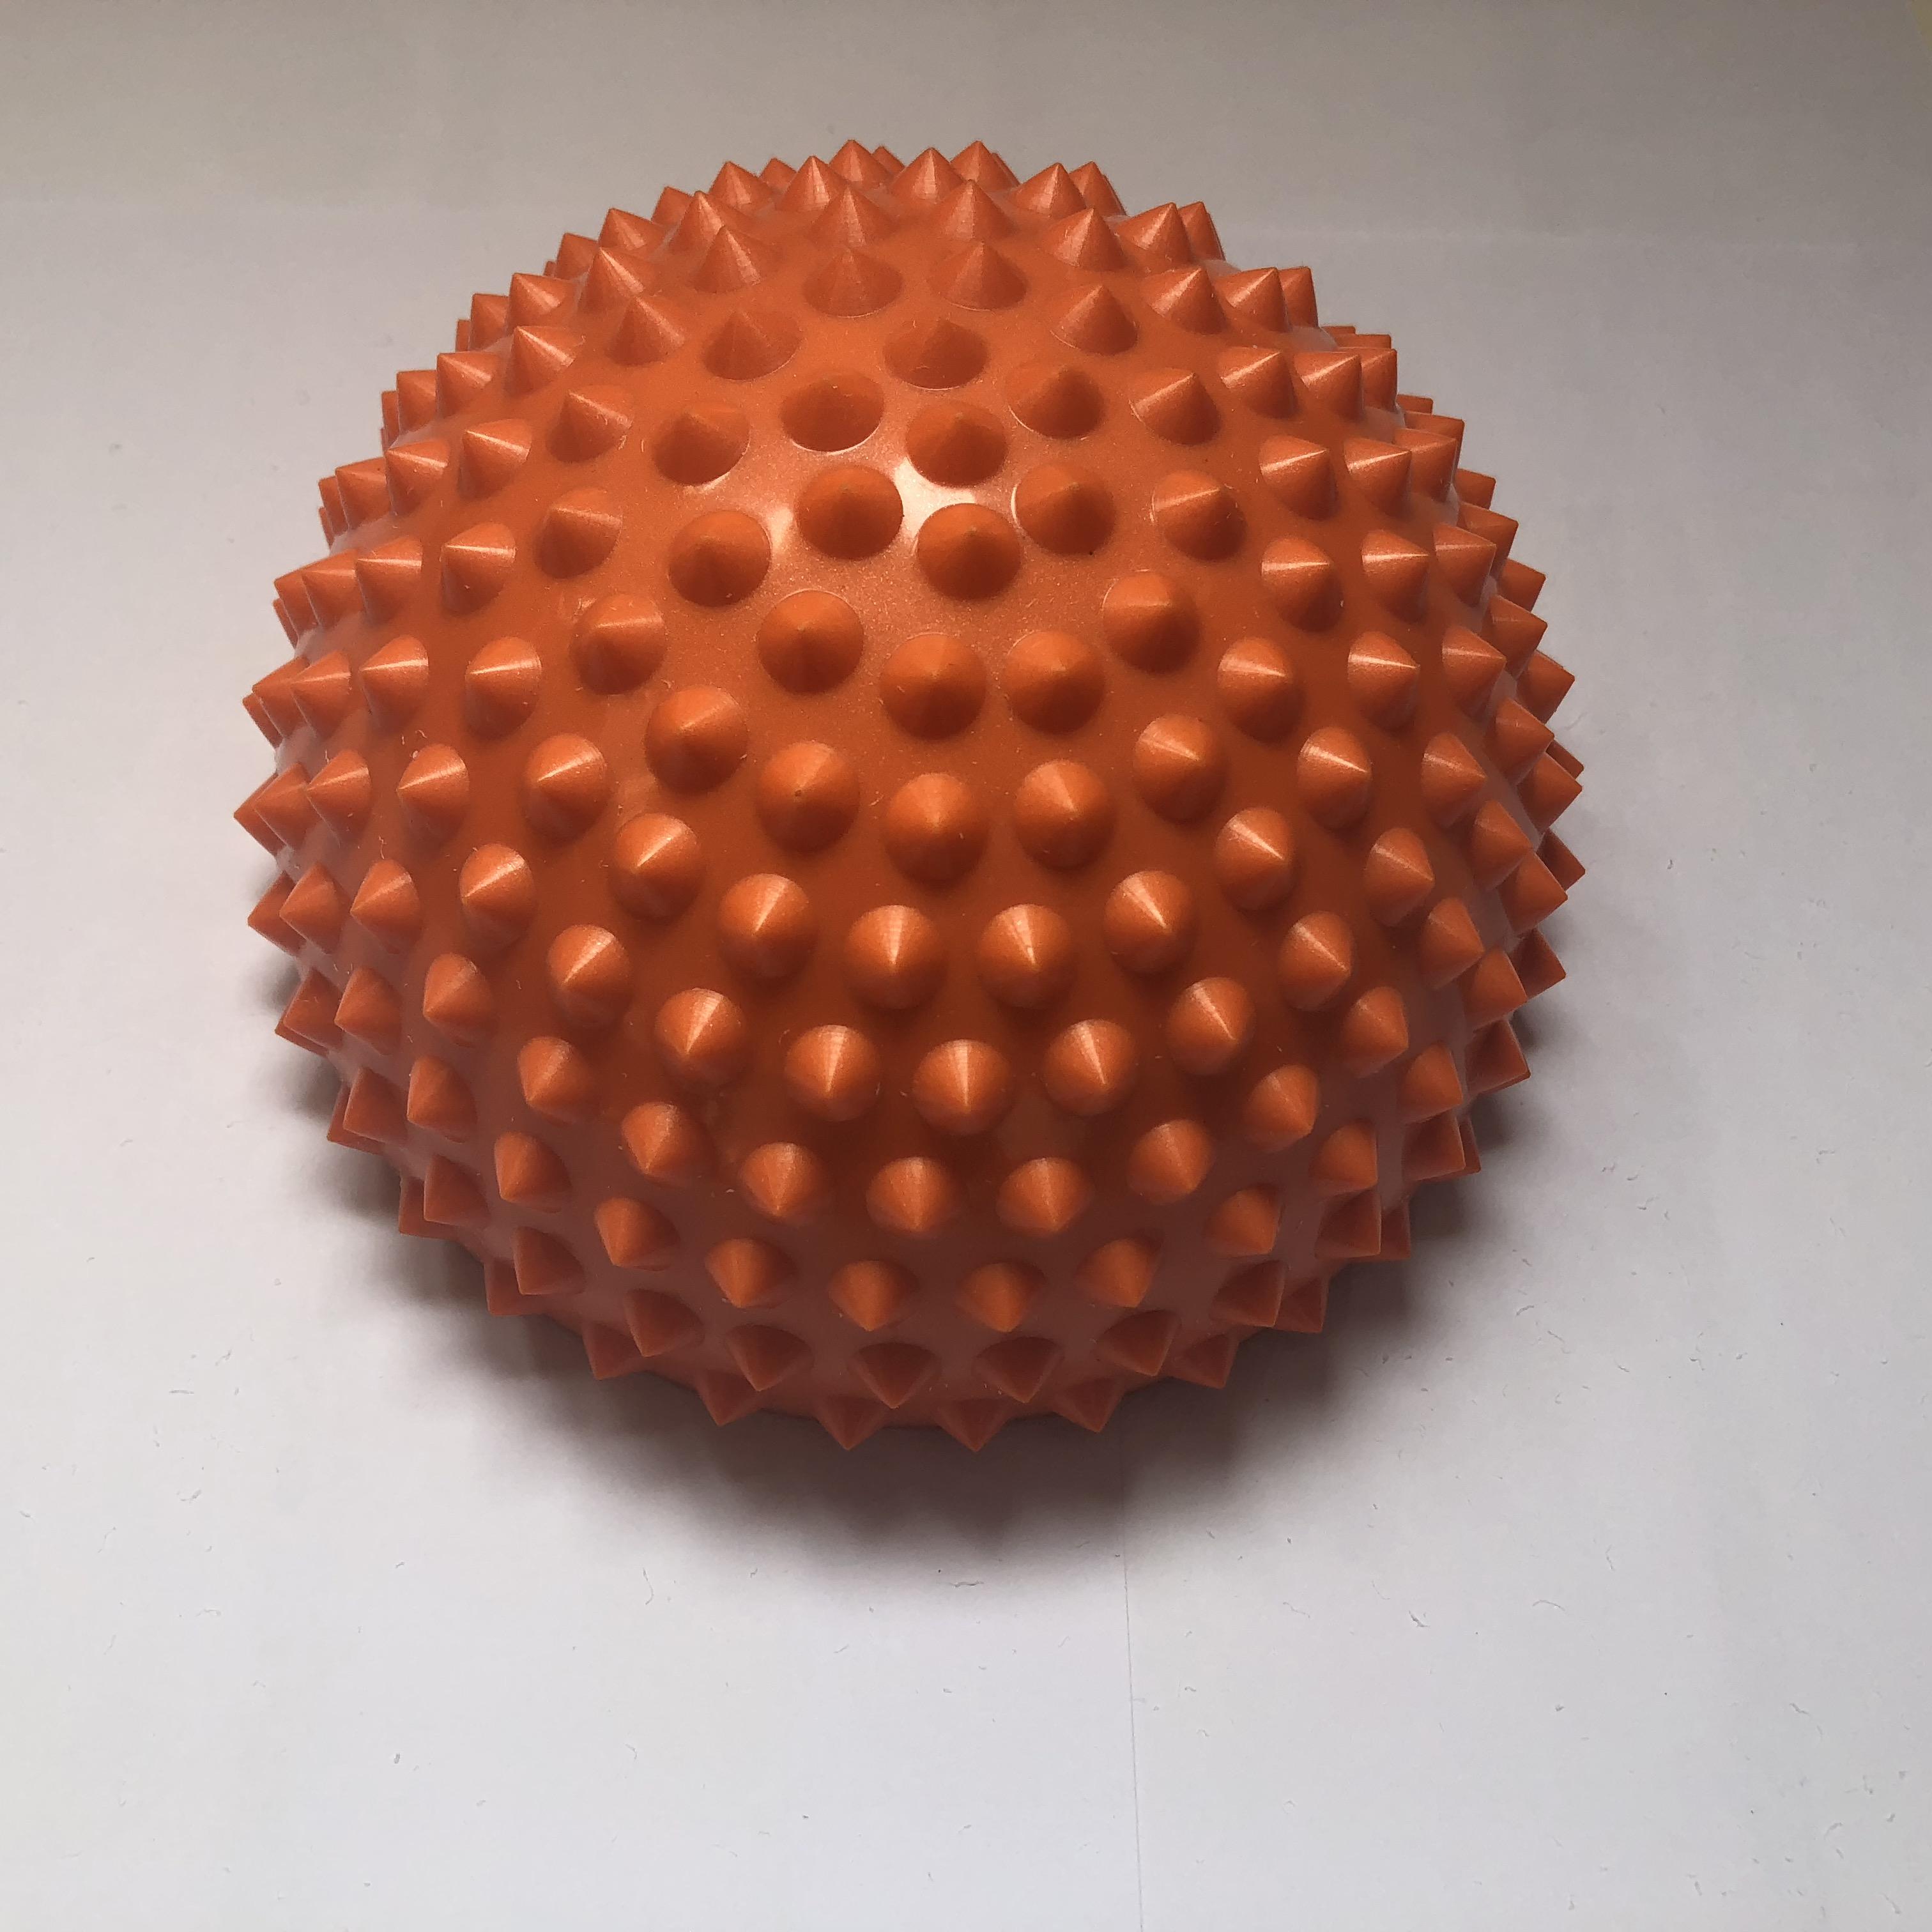 Yoga Fitness Muscle Therapy Massager Semi Massage Ball, Customized